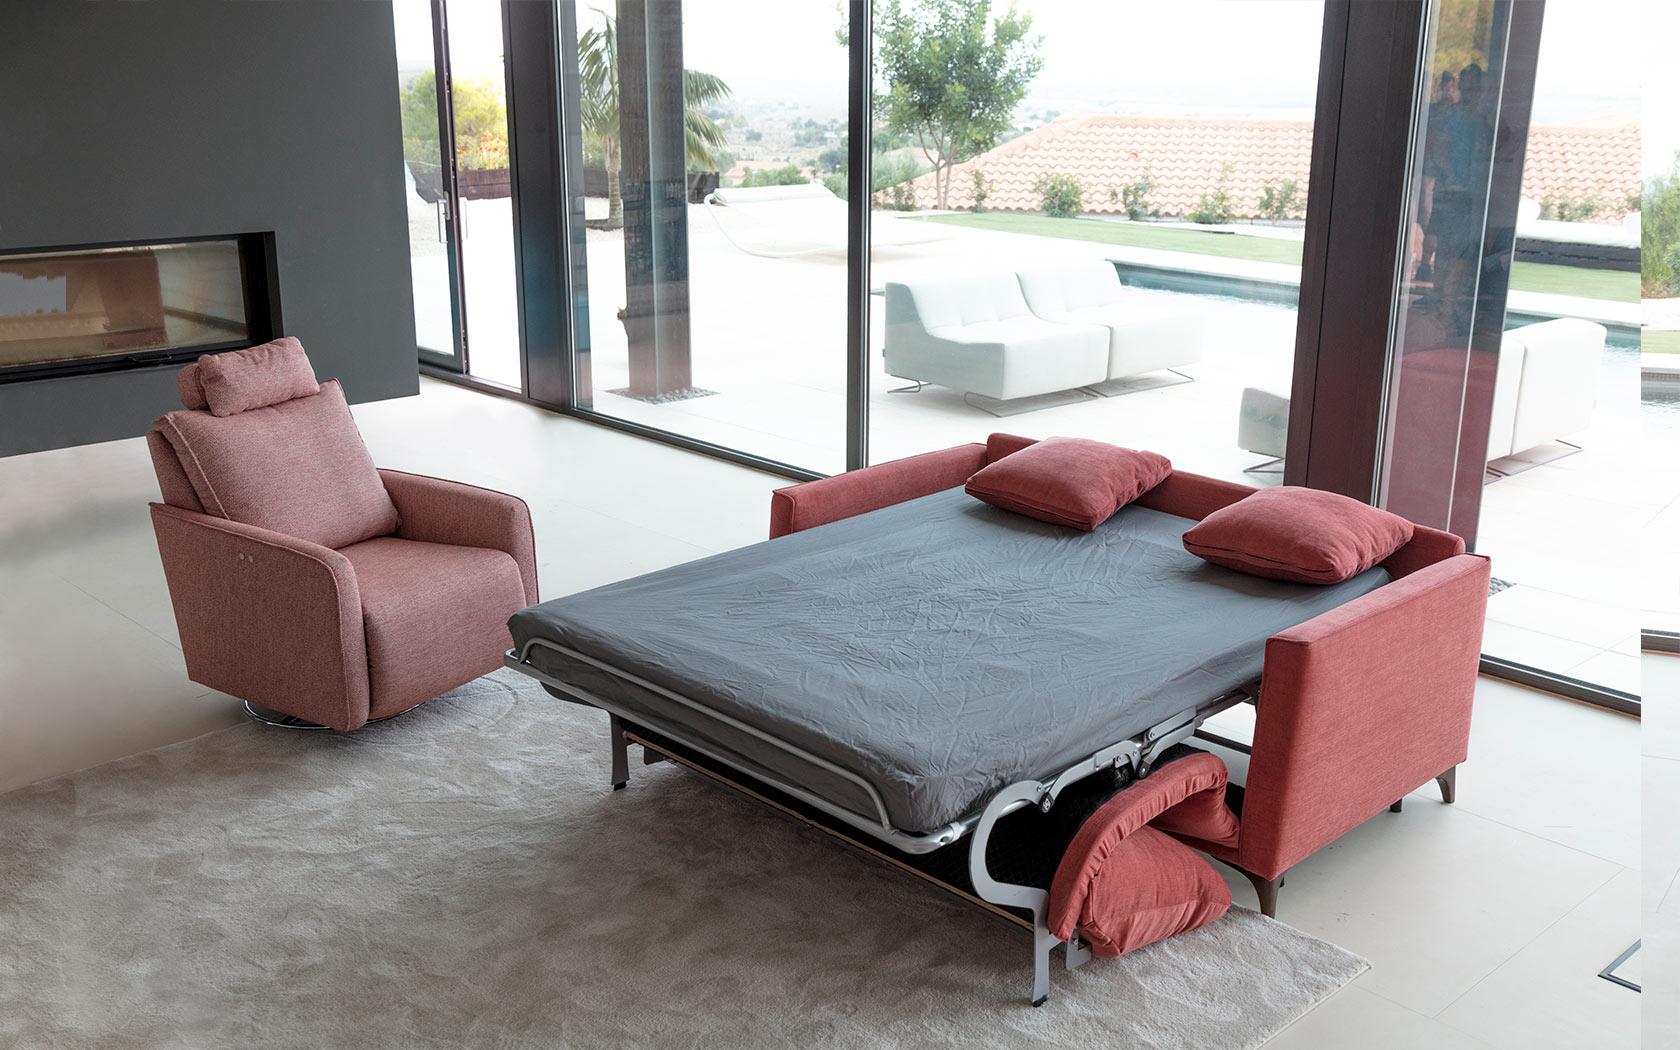 Dali sofa cama 2020 04